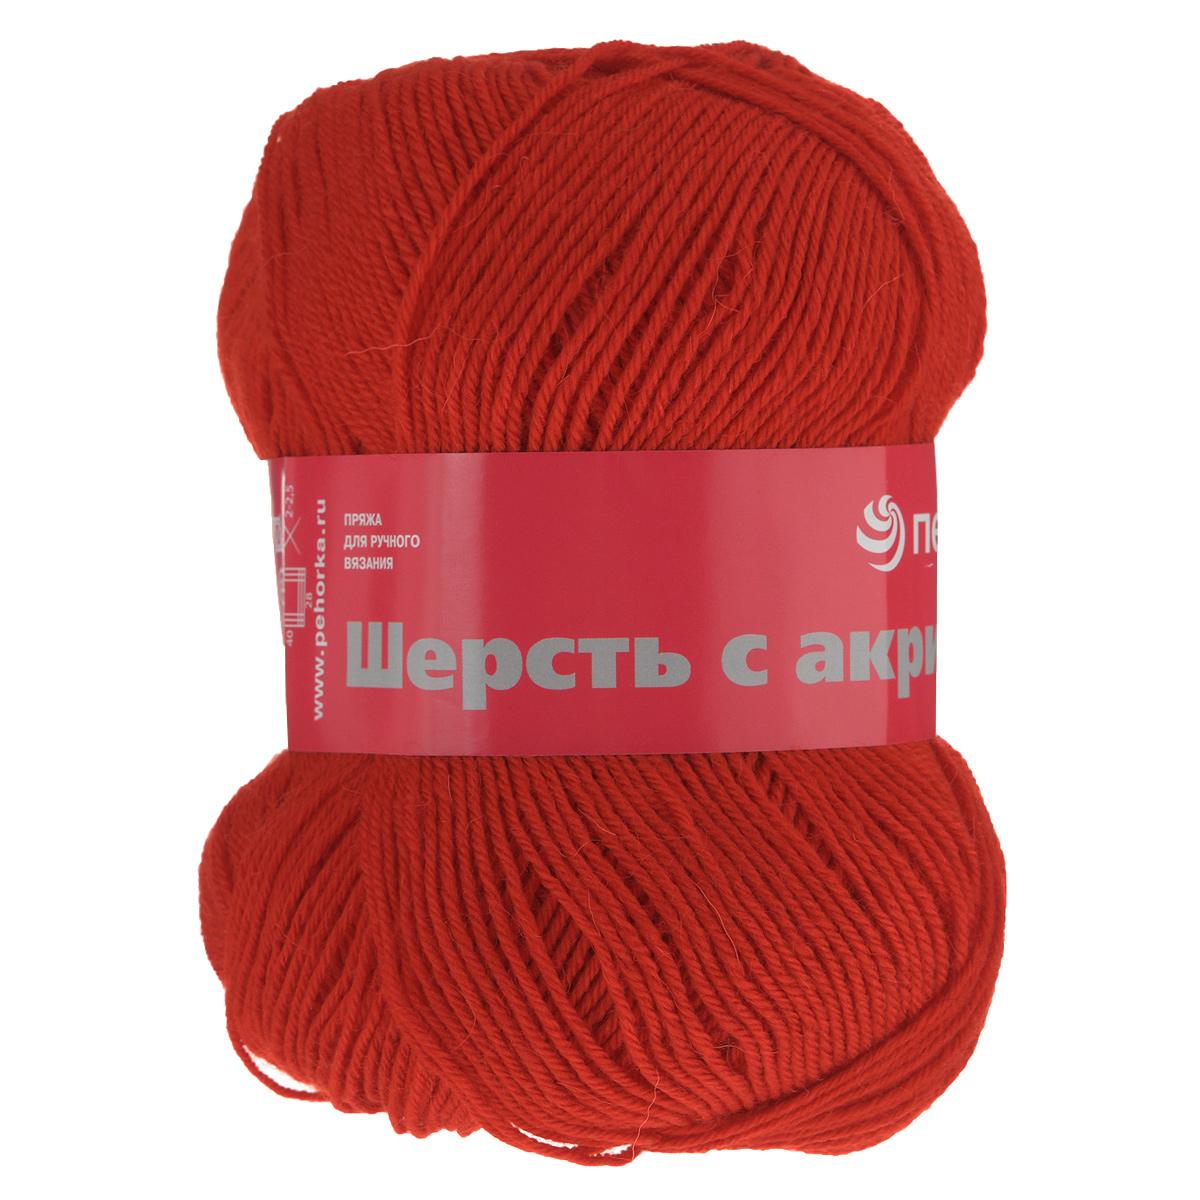 Пряжа для вязания Пехорка Шерсть с акрилом, цвет: красный (88), 300 м, 100 г, 10 шт360081_88_88 красныйПряжа для вязания Пехорка Шерсть с акрилом изготовлена из 50% шерсти и 50% акрила в четыре нити. Пряжа имеет интересное переплетение, стабильна в полотне, ложится красивой и эффектной фактурой. Гигиенична, гигроскопична, приятна для тела. Прекрасный вариант для вязания зимней одежды. Рекомендованы спицы №2 и №2,5. С такой пряжей для ручного вязания вы сможете связать своими руками необычные и красивые вещи. Комплектация: 10 мотков. Толщина нити: 2 мм. Состав: 50% шерсть, 50% акрил.